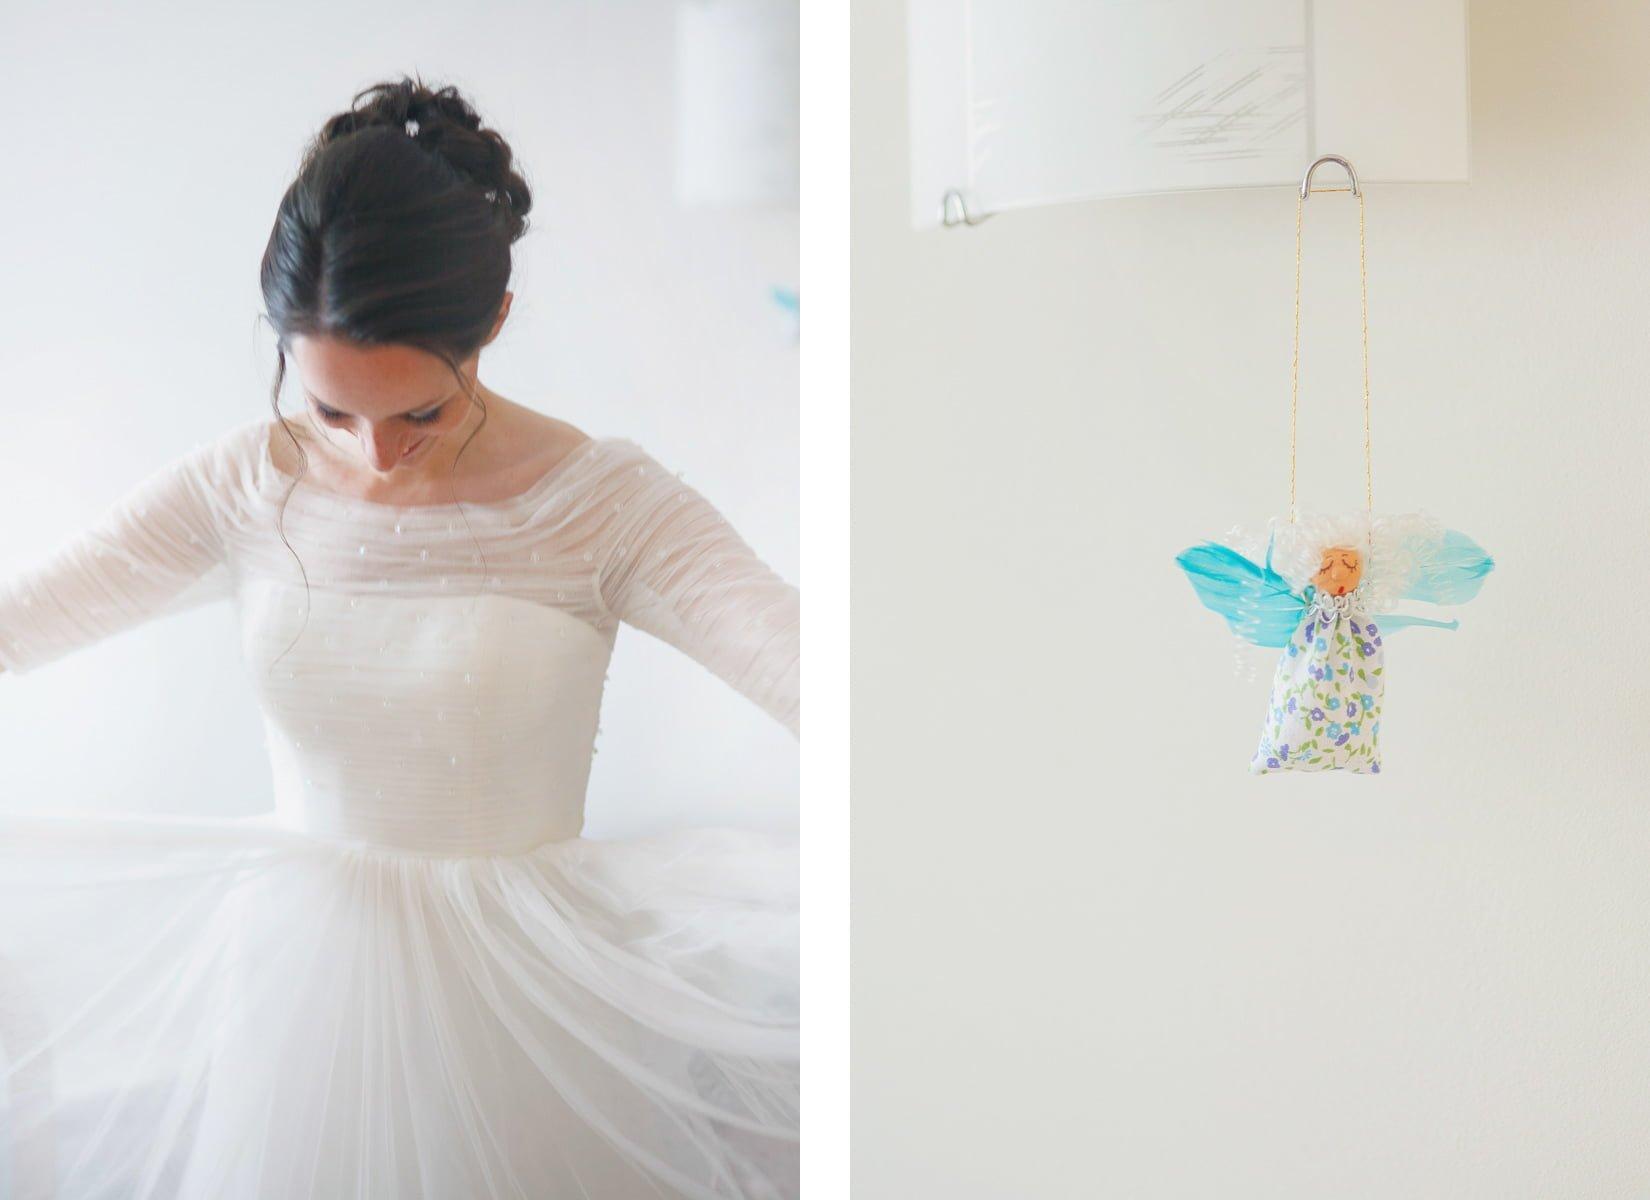 fotograf slub bielsko biala ania maciej 13 - Ślub w Bielsku-Białej - ANIA & MACIEJ